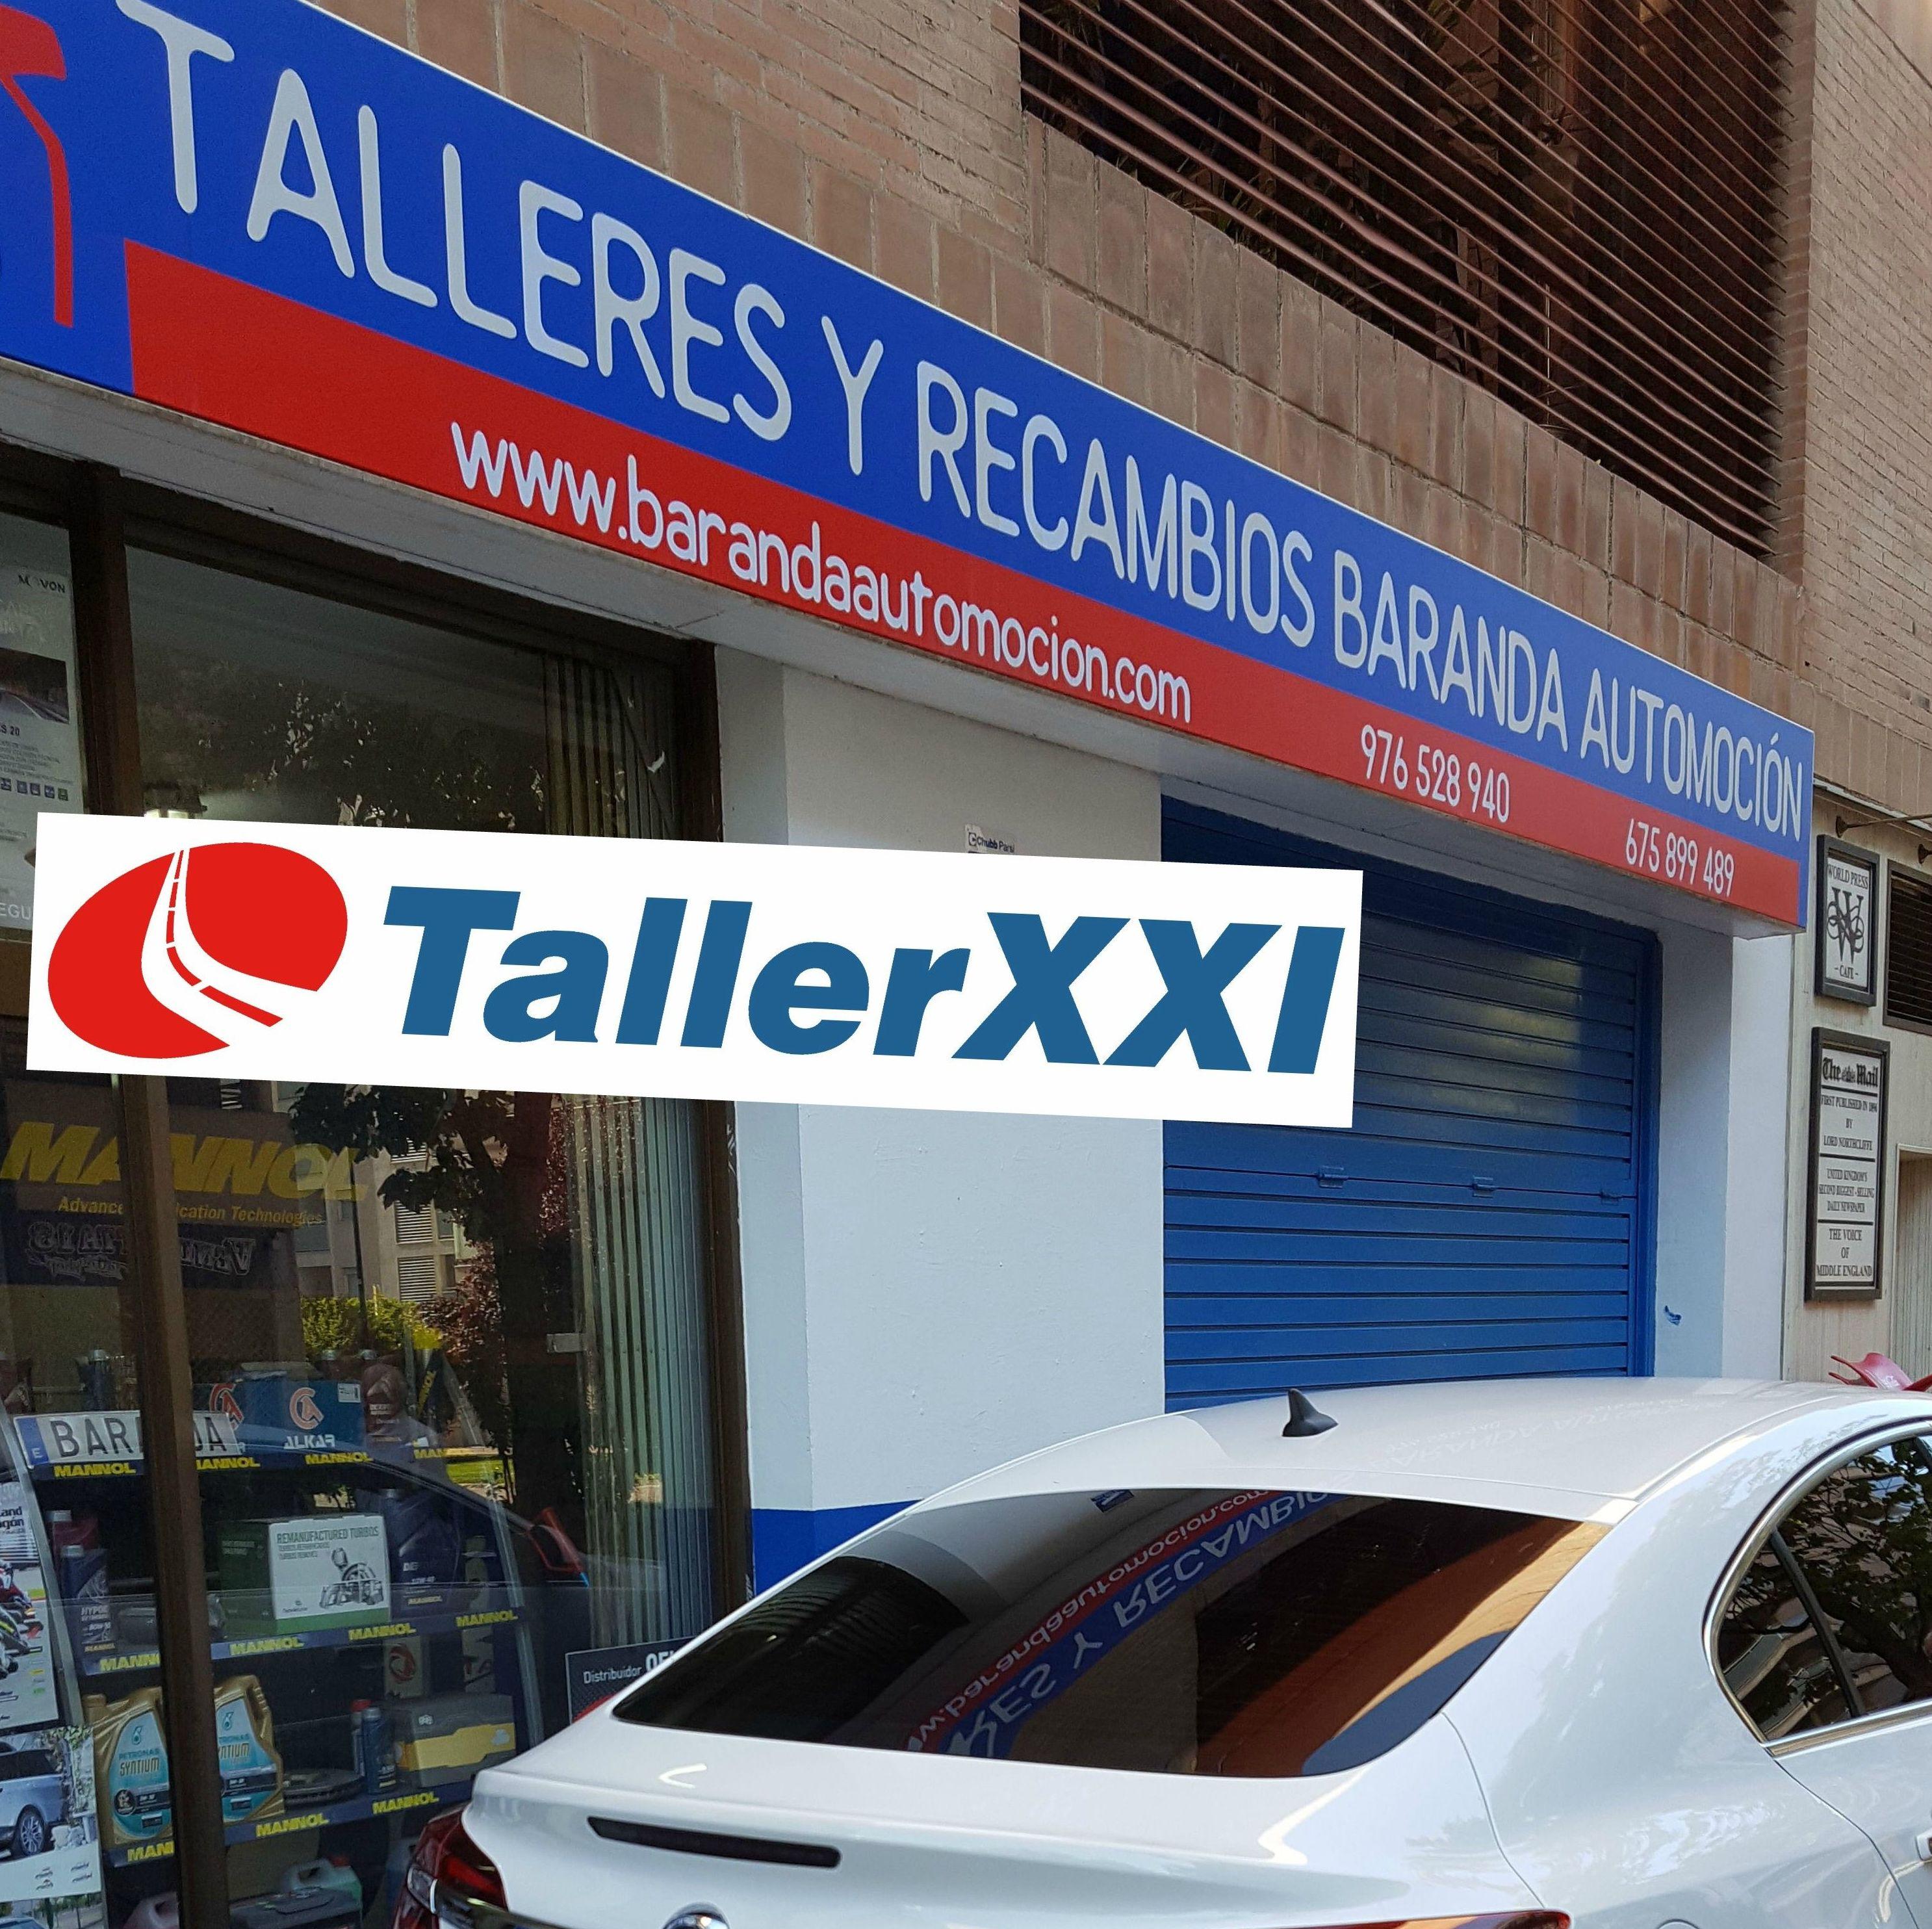 Taller XXI: Nuestro taller de Talleres Baranda Automoción